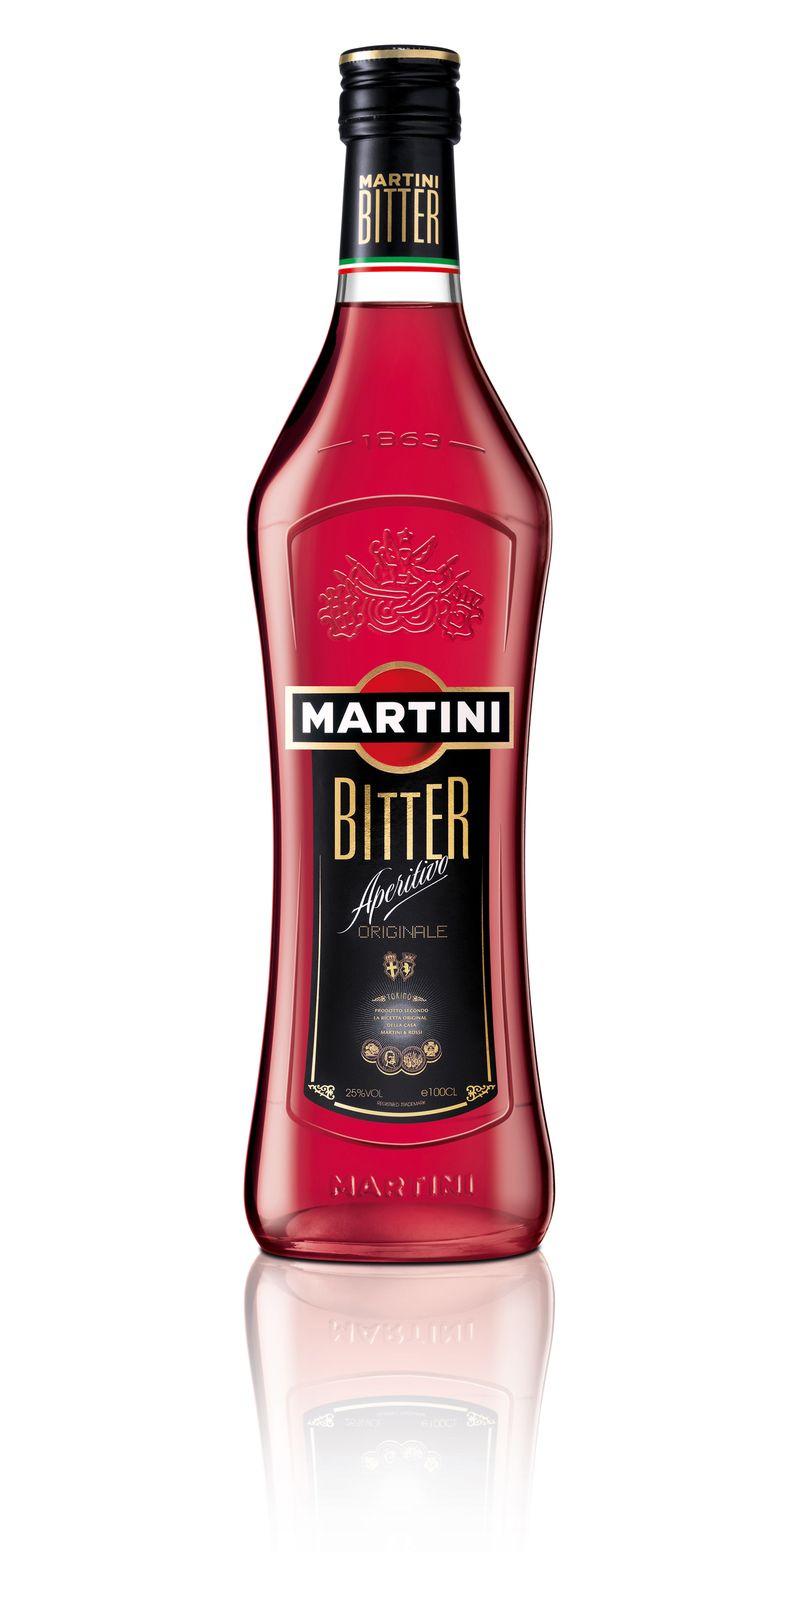 Martini Bitter Bottle Wh